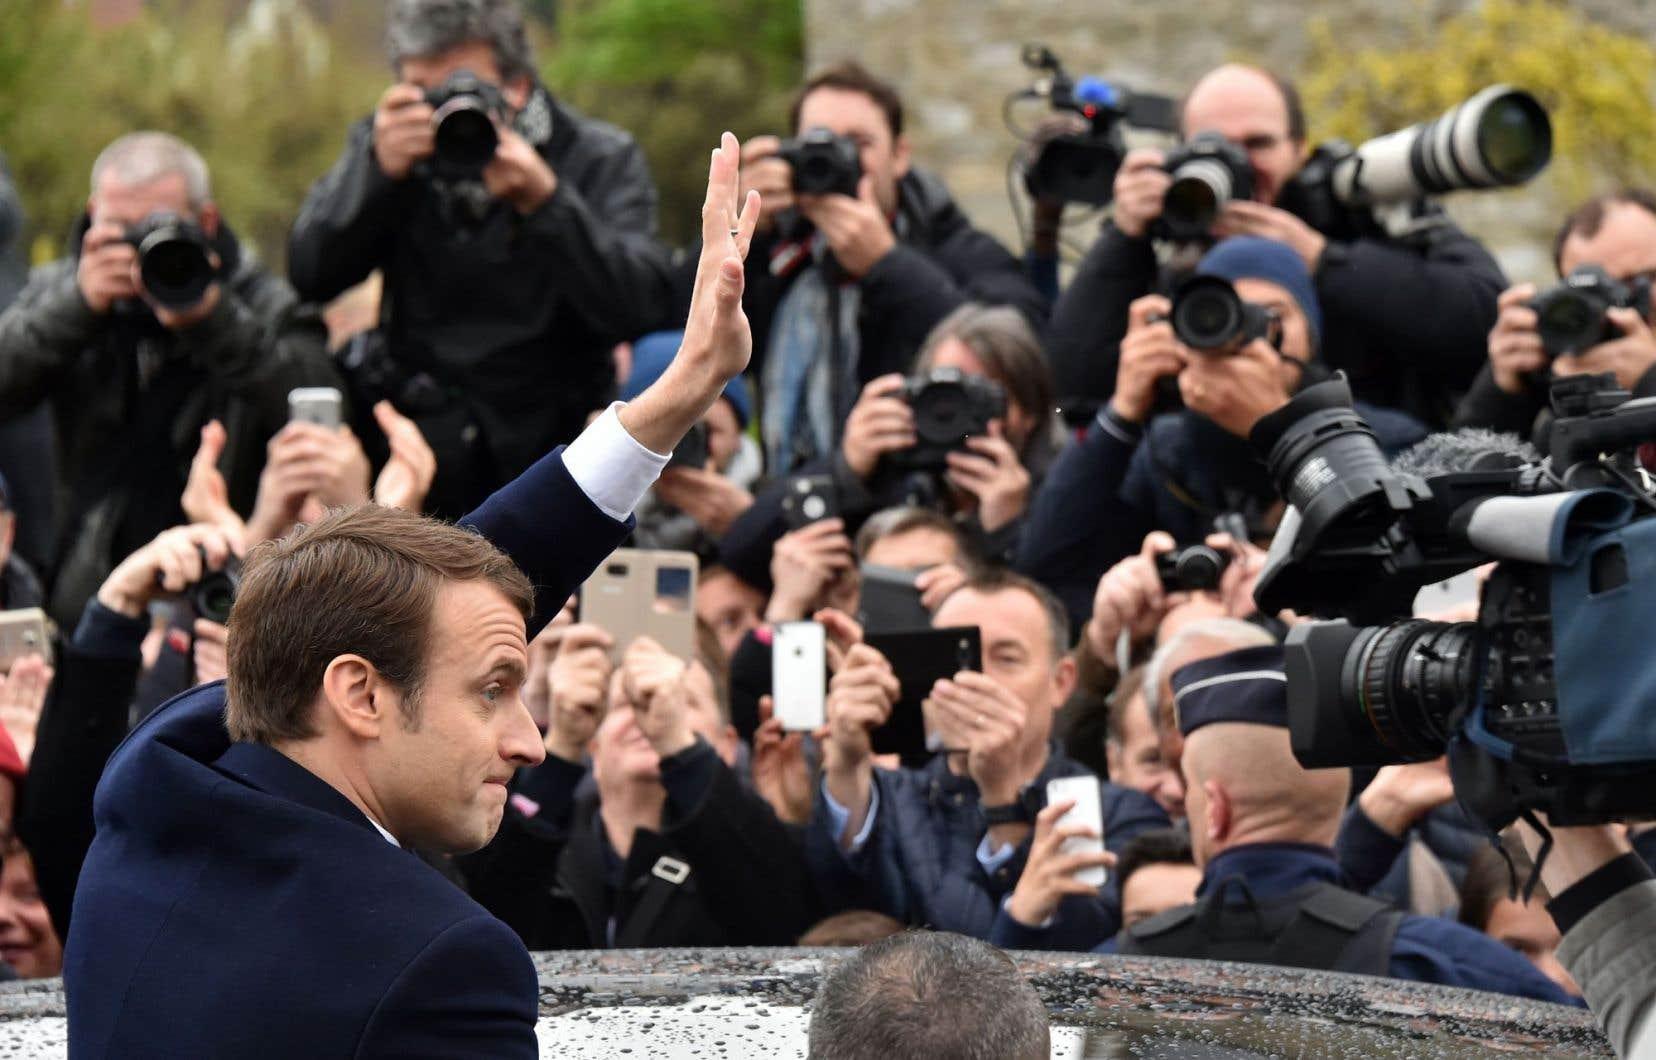 La formule Macron rebat les cartes, change les étiquettes, remanie les équipages pour continuer dans la même voie, estime l'auteur.